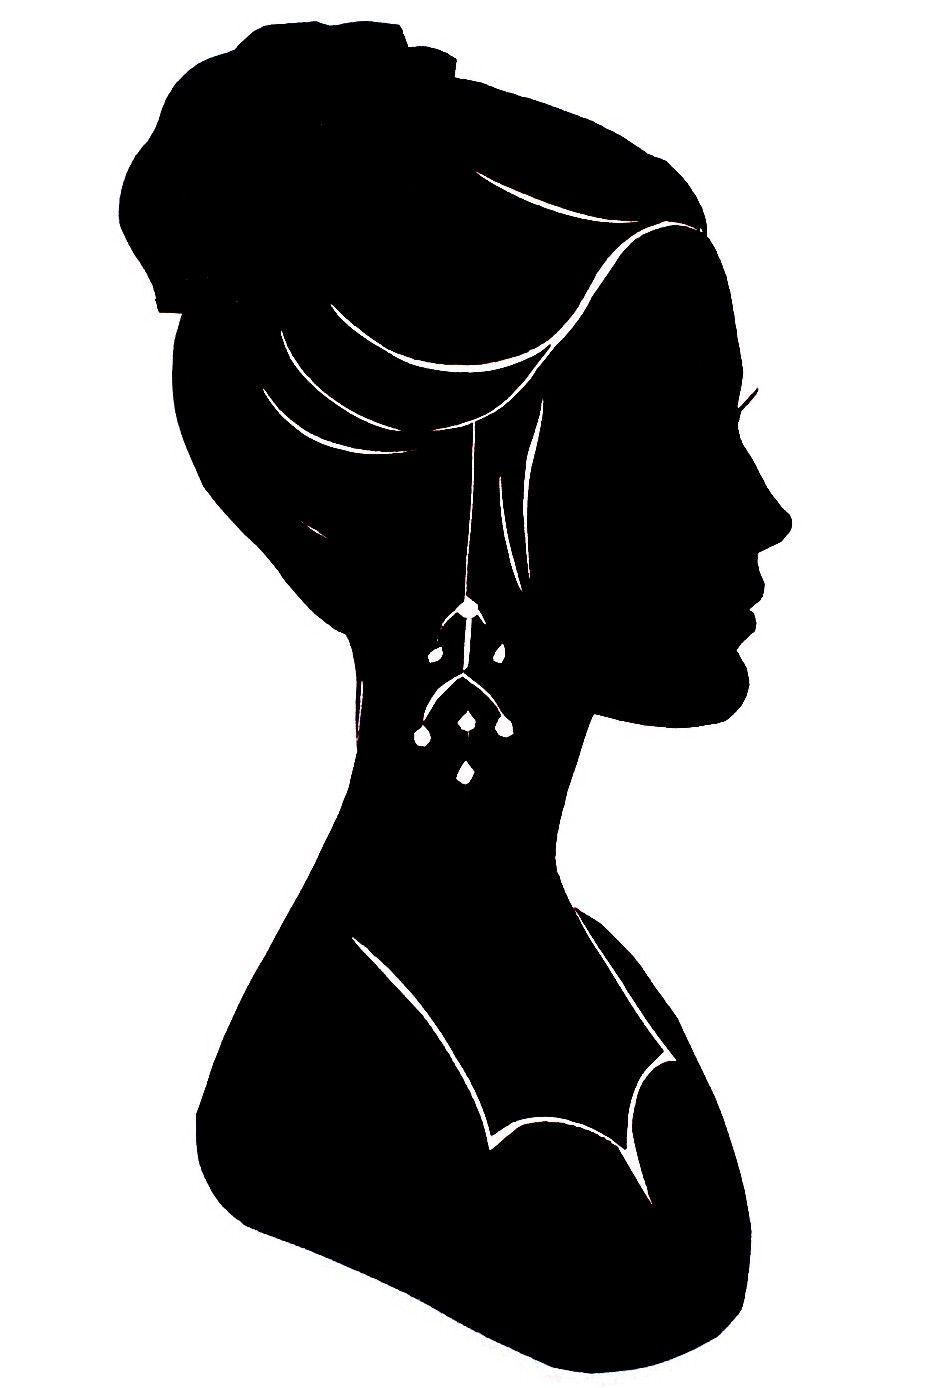 Силуэт женского лица в профиль картинки